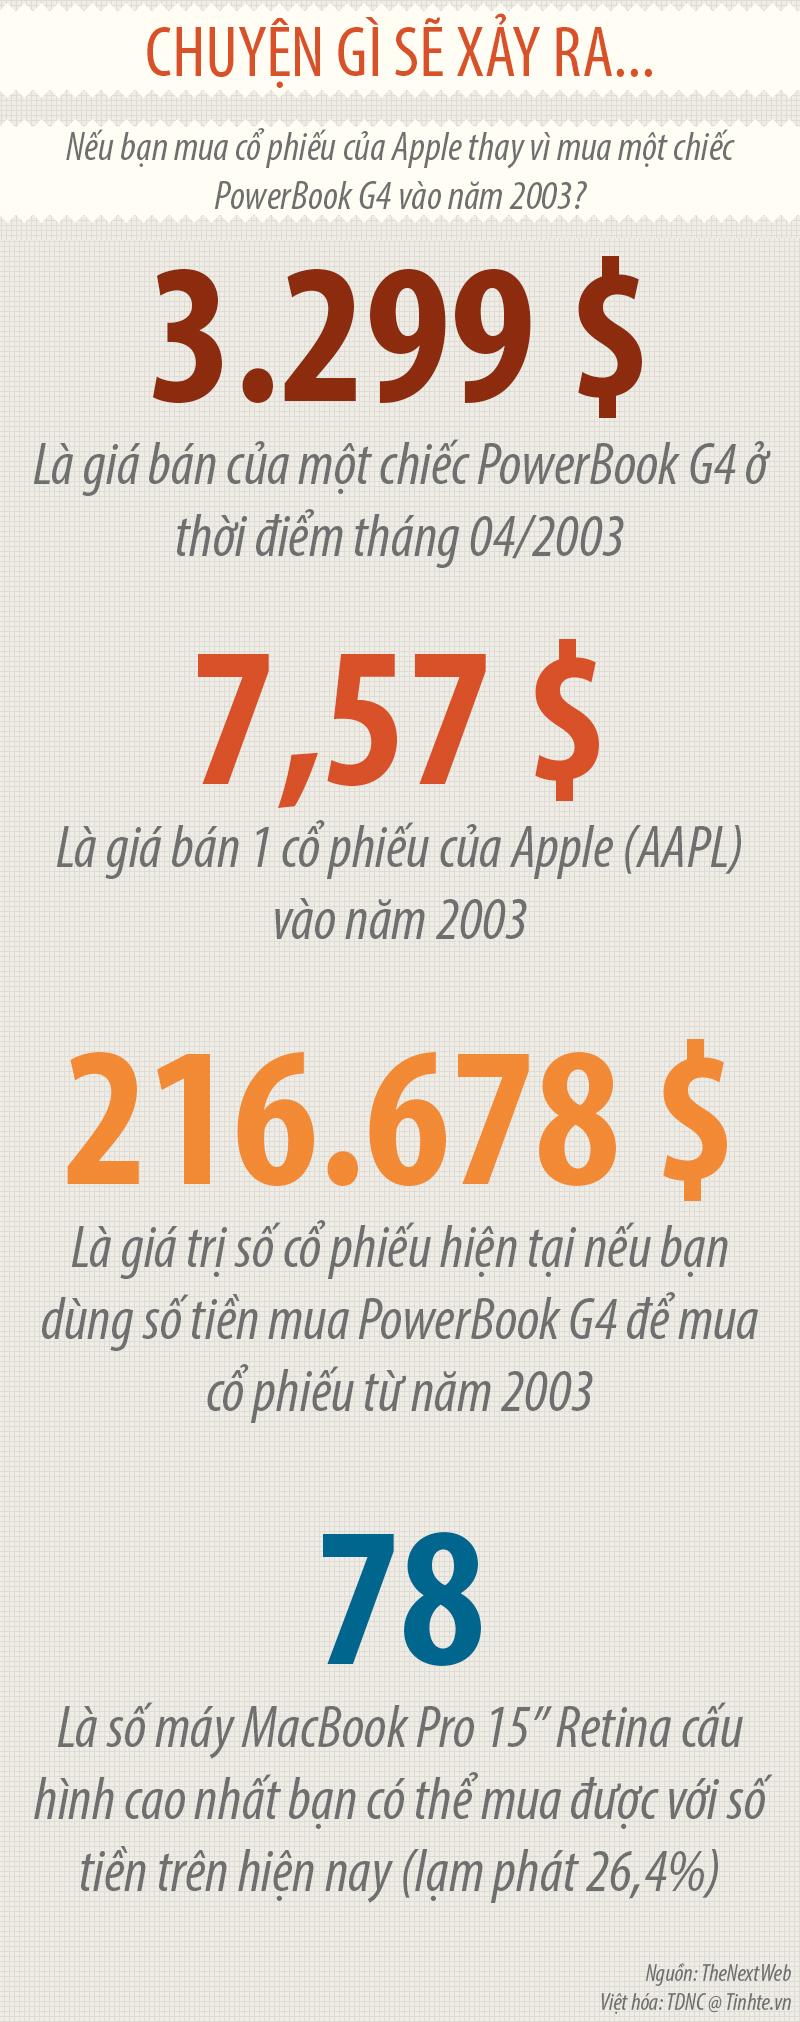 [INFOGRAPHIC] Chuyện gì sẽ xảy ra: Nếu bạn mua cổ phiếu của Apple thay vì mua PowerBook G4 vào năm 2003